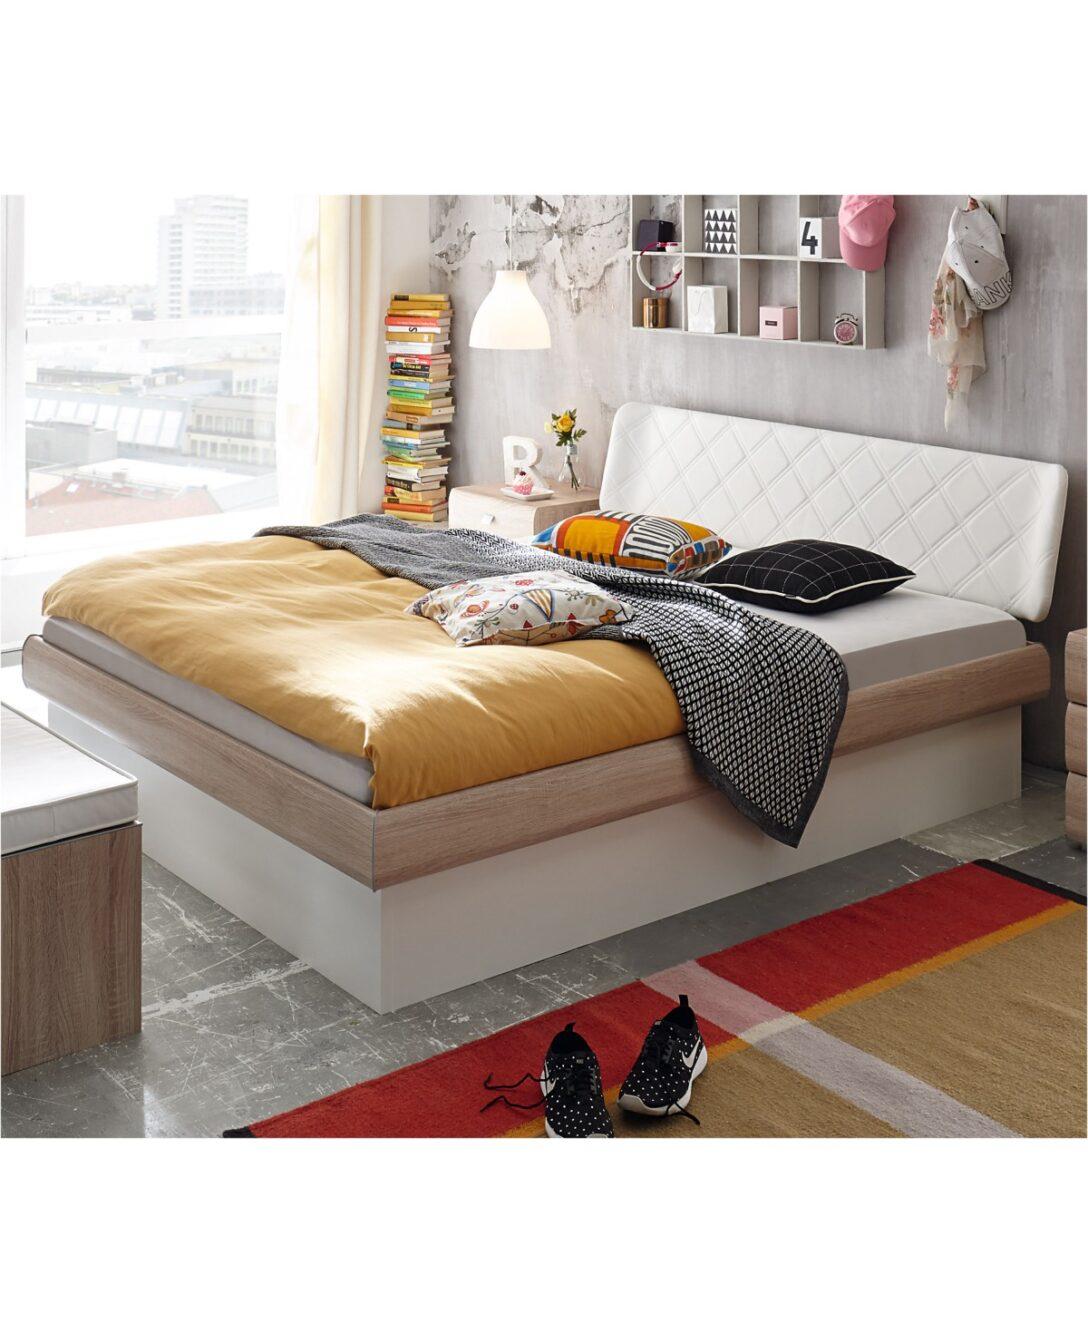 Large Size of Bett 200x220 Komforthöhe Hasena Soft Line Stauraumbett Practico Boeiche Sgerauh Dekor Ruf Betten Fabrikverkauf Mit Matratze Und Lattenrost 200x200 Paidi Wohnzimmer Bett 200x220 Komforthöhe